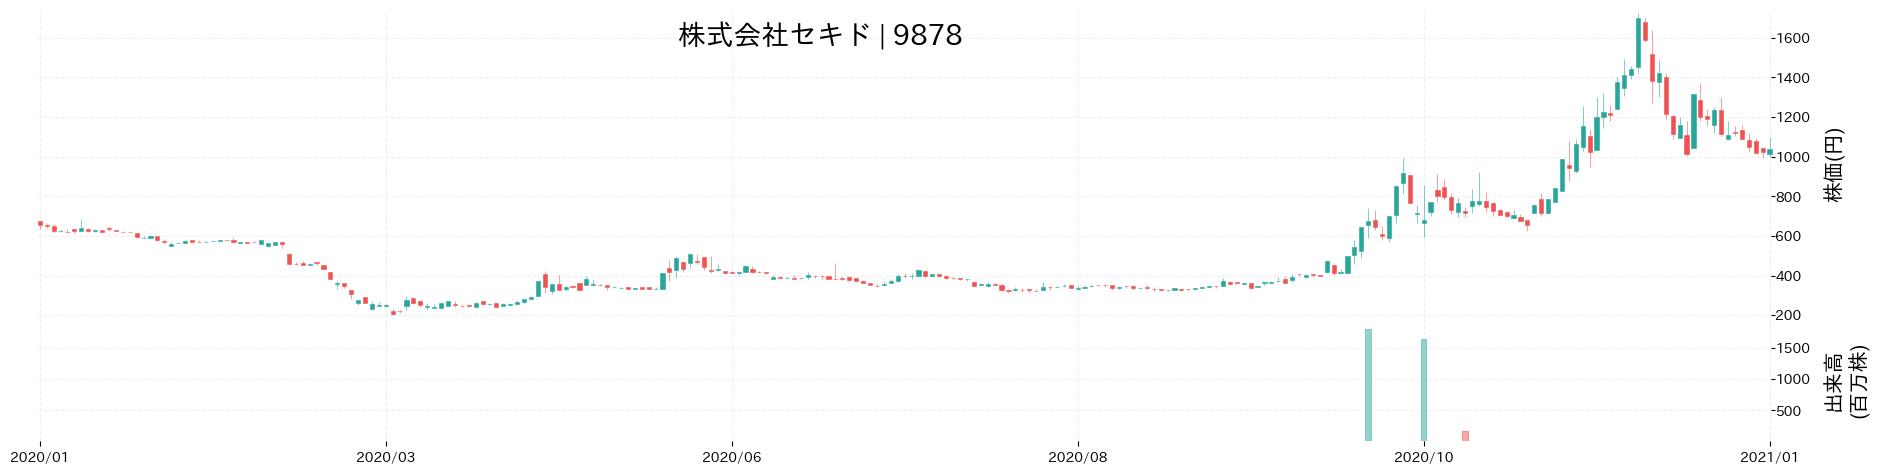 株式会社セキドの株価推移(2020)